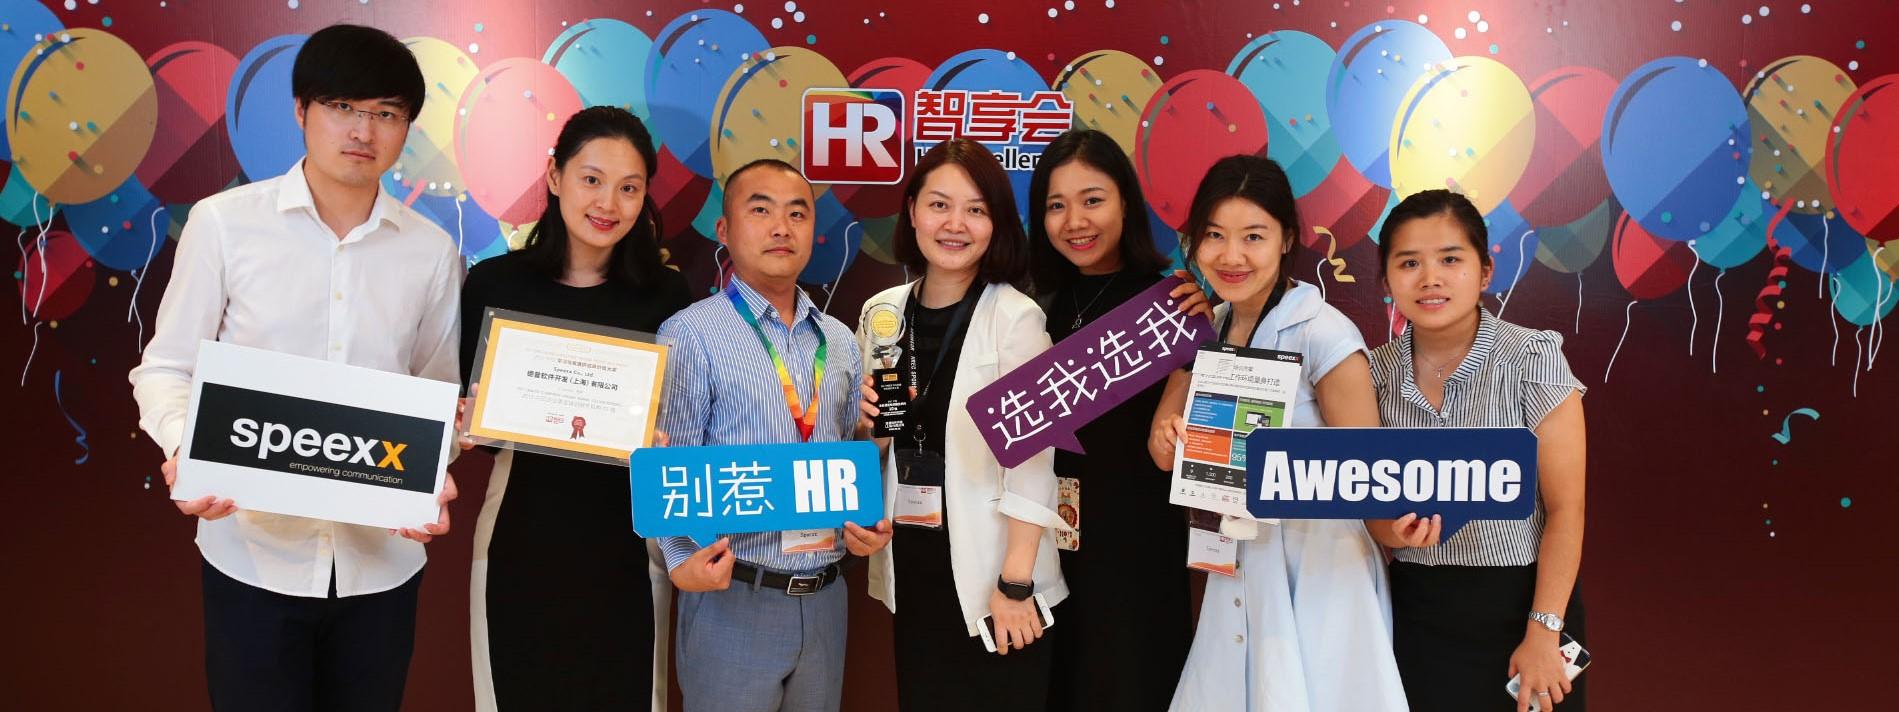 speexx value award china